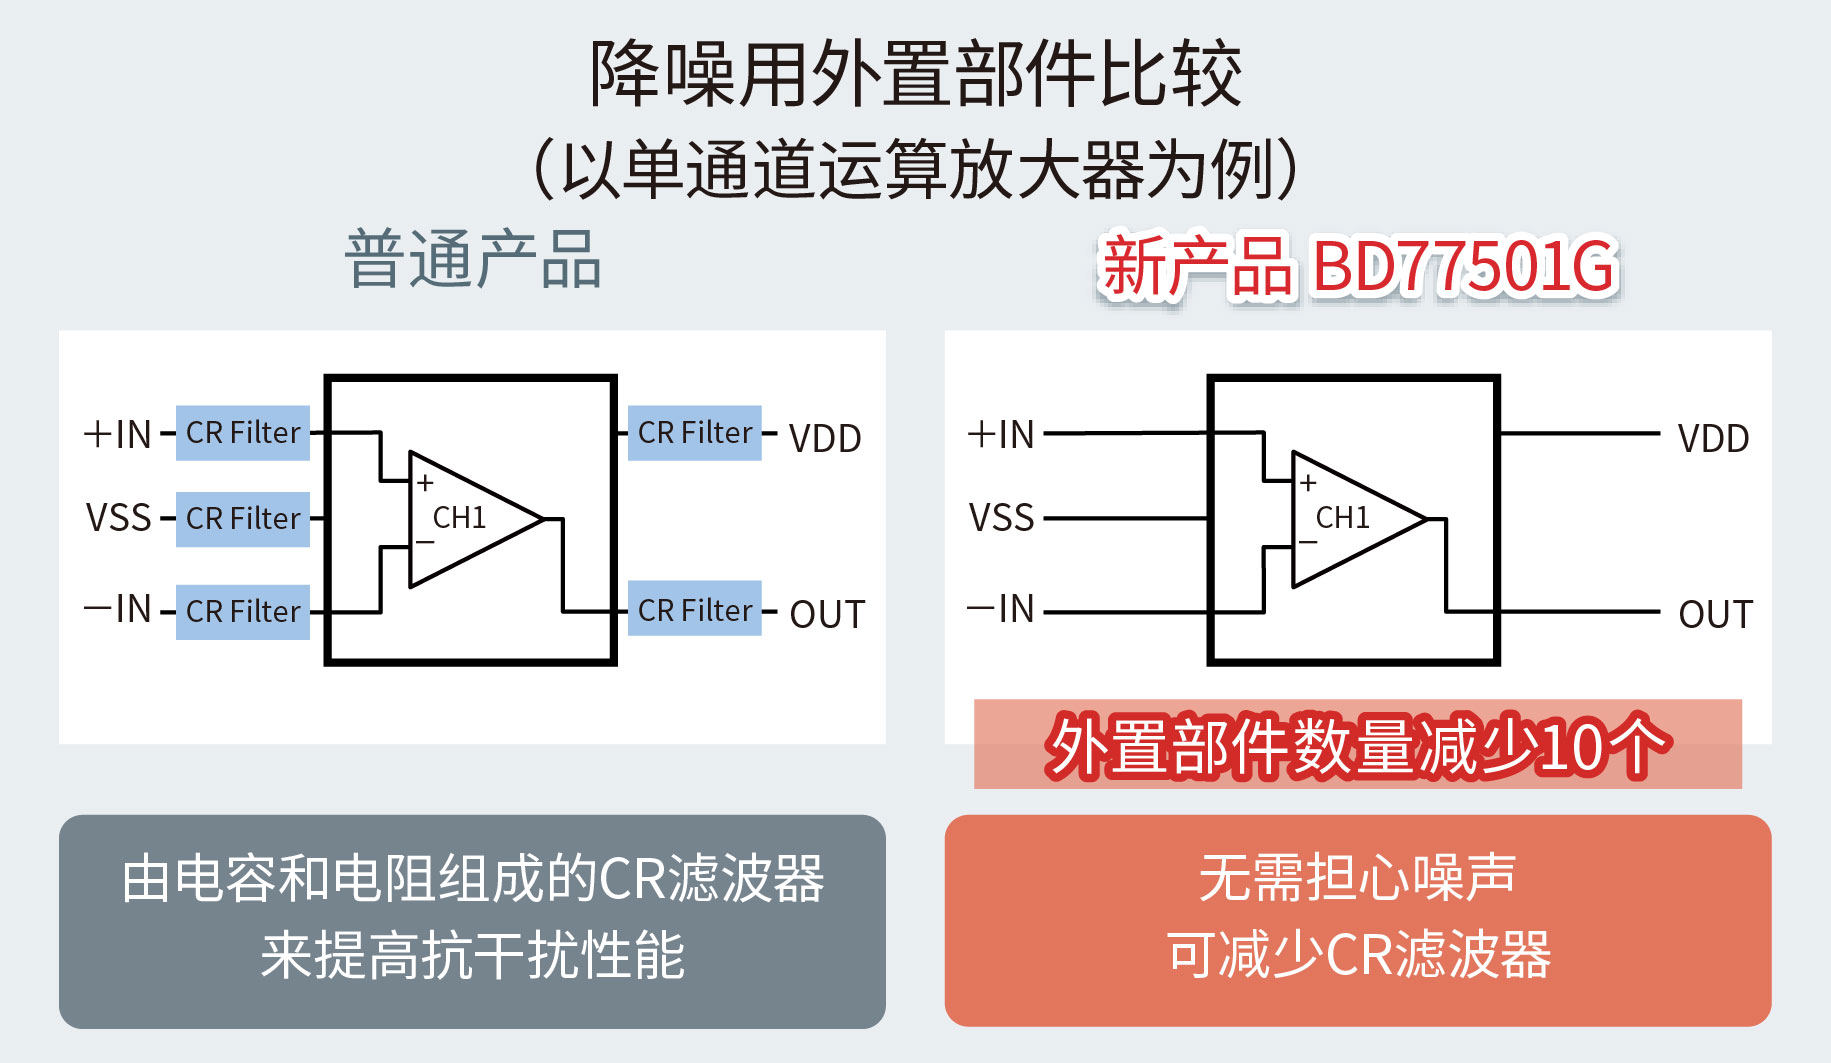 【中文译文】图5.jpg